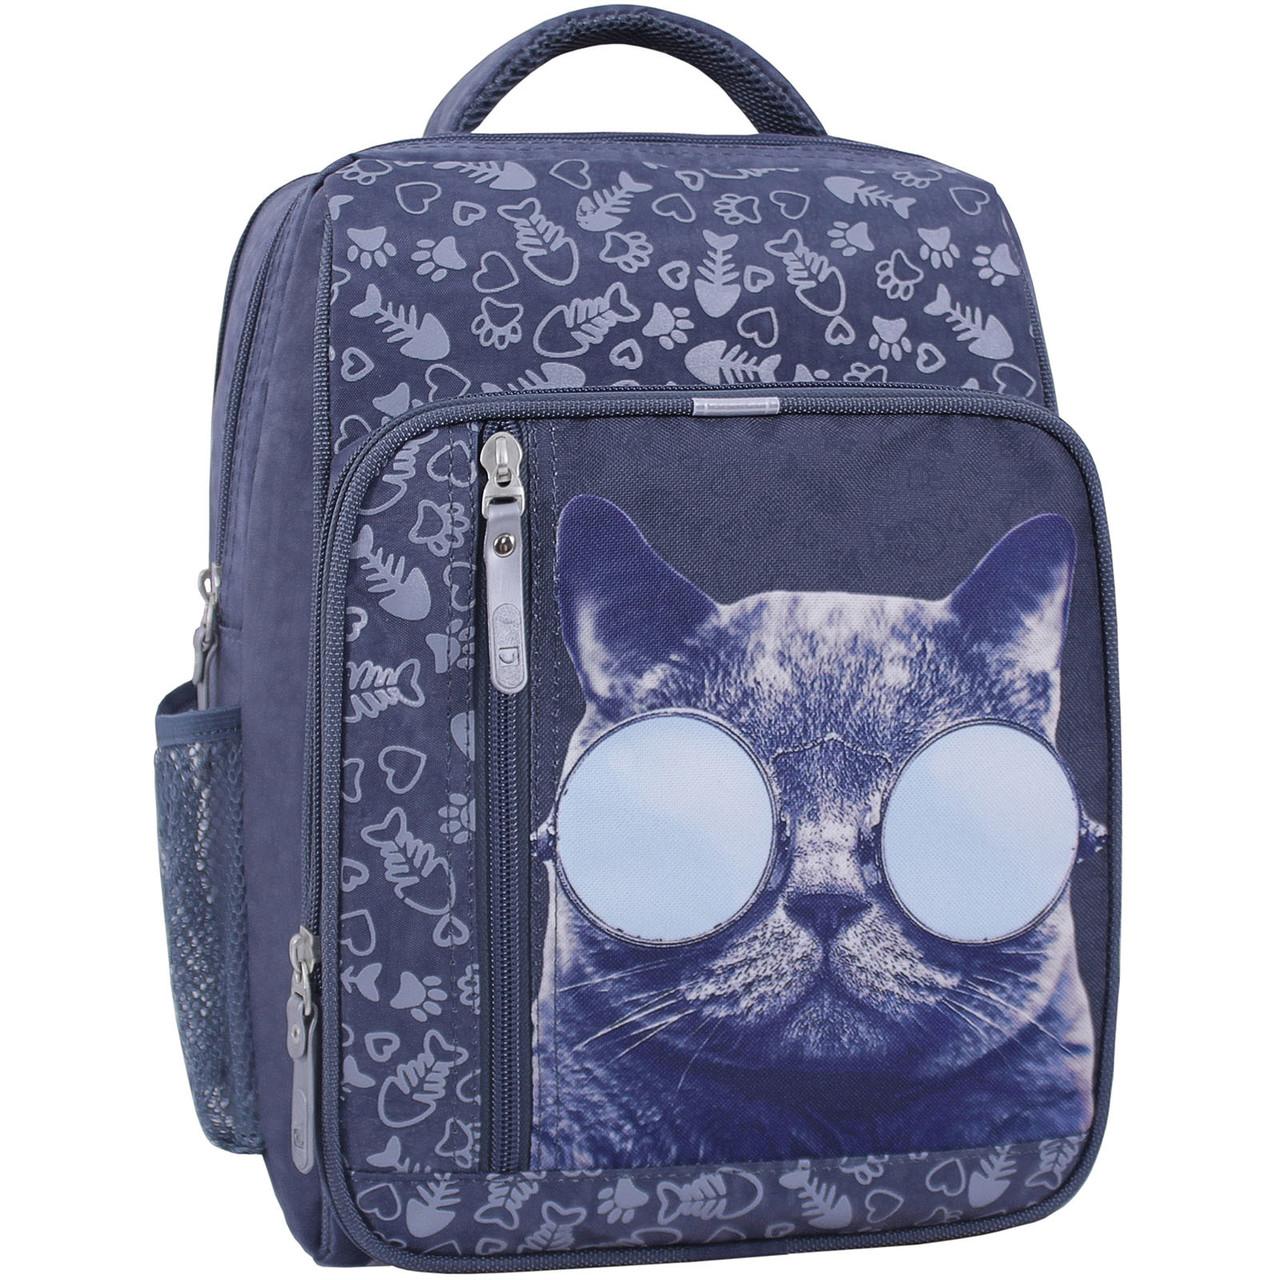 Рюкзак школьный 8 л. синий 611(0012870)